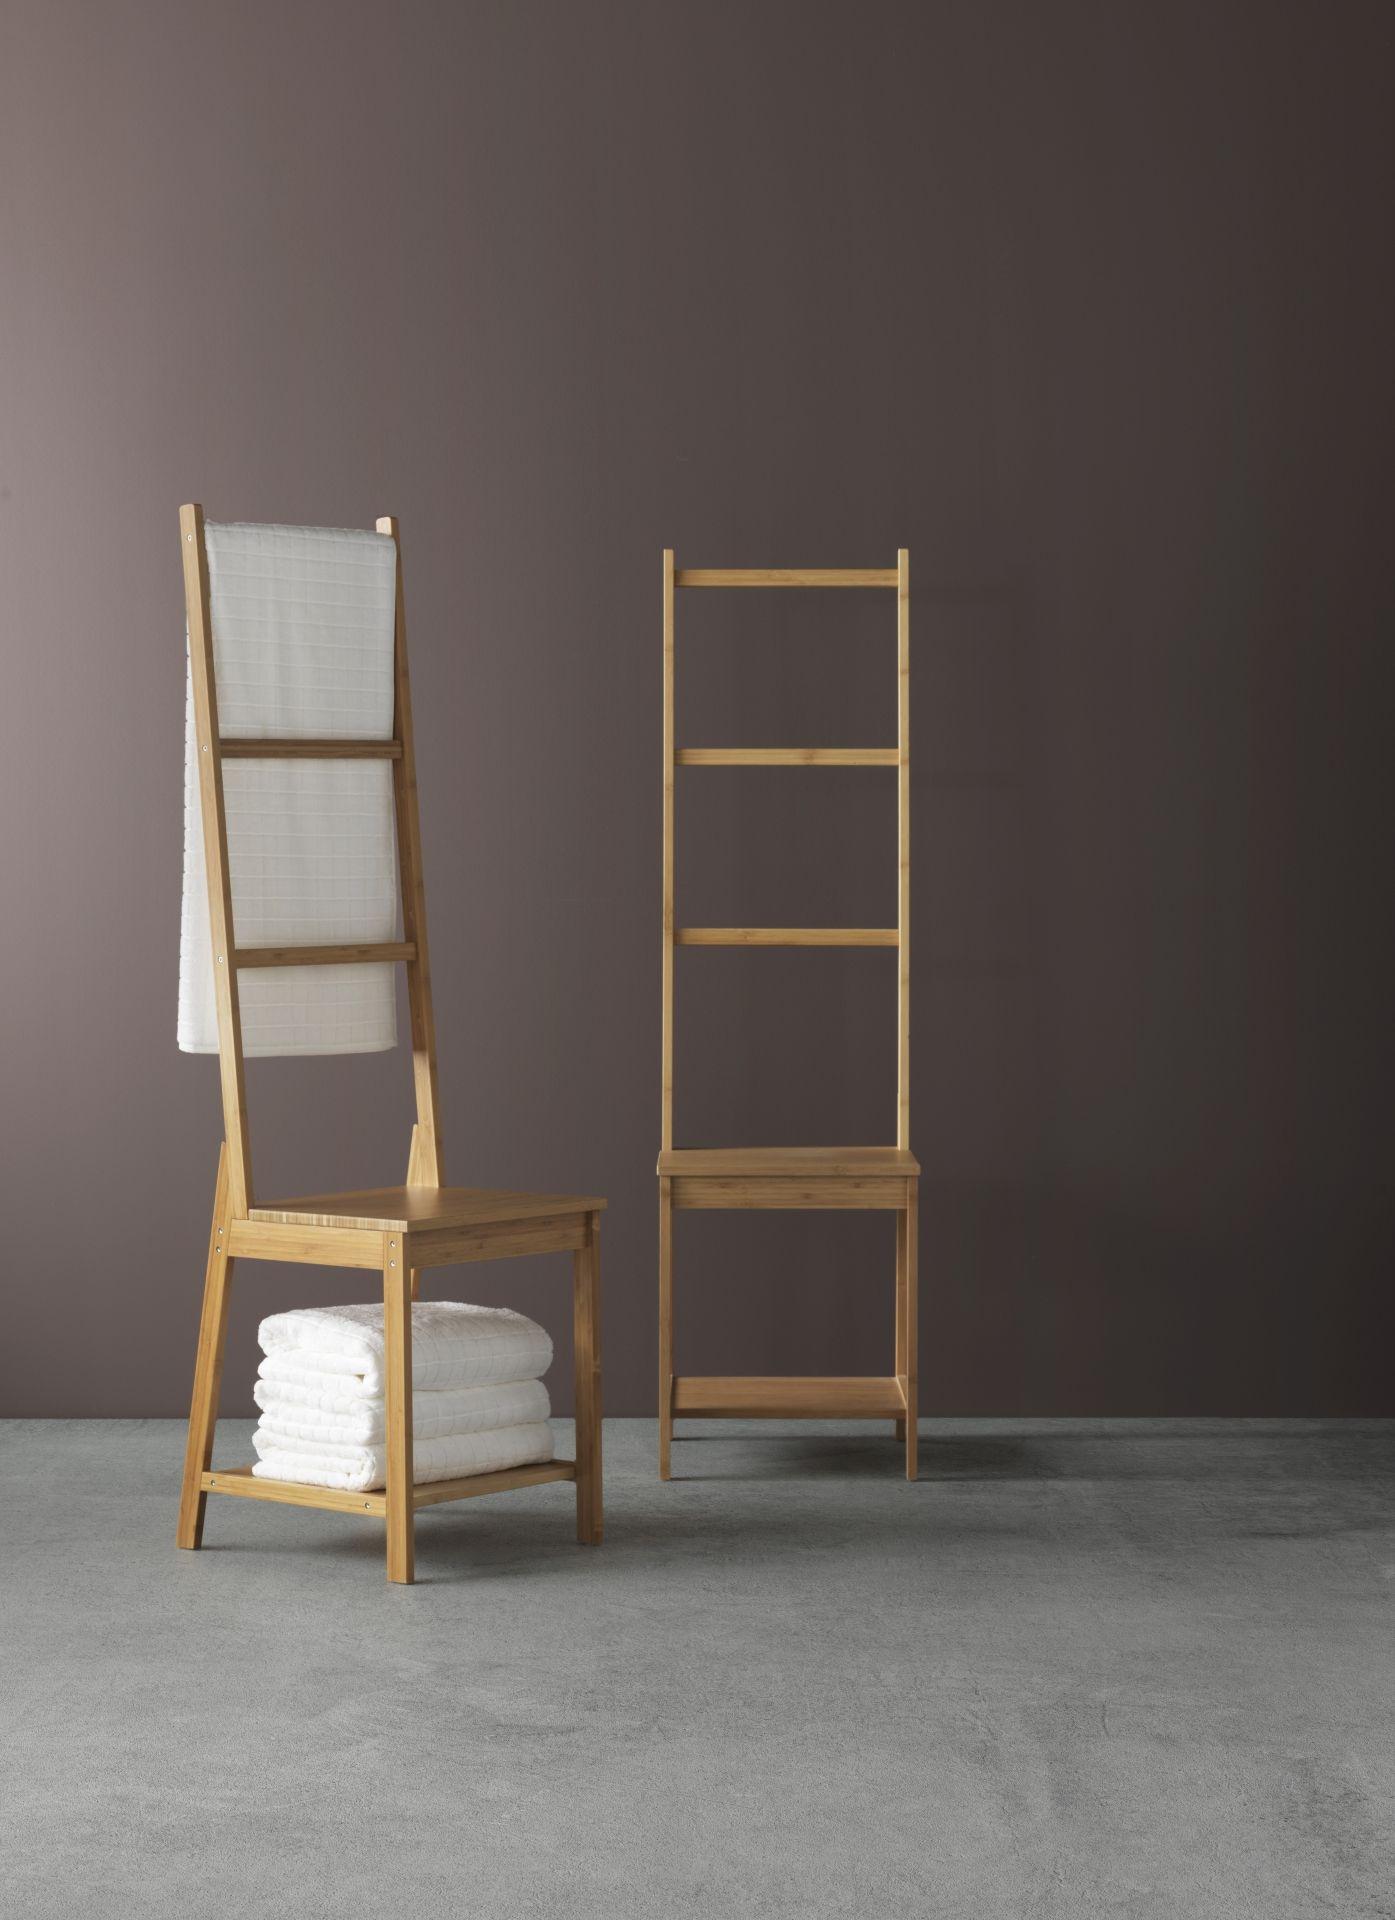 rà grund stoel met handdoekenrek bamboe bamboe badkamer en ikea